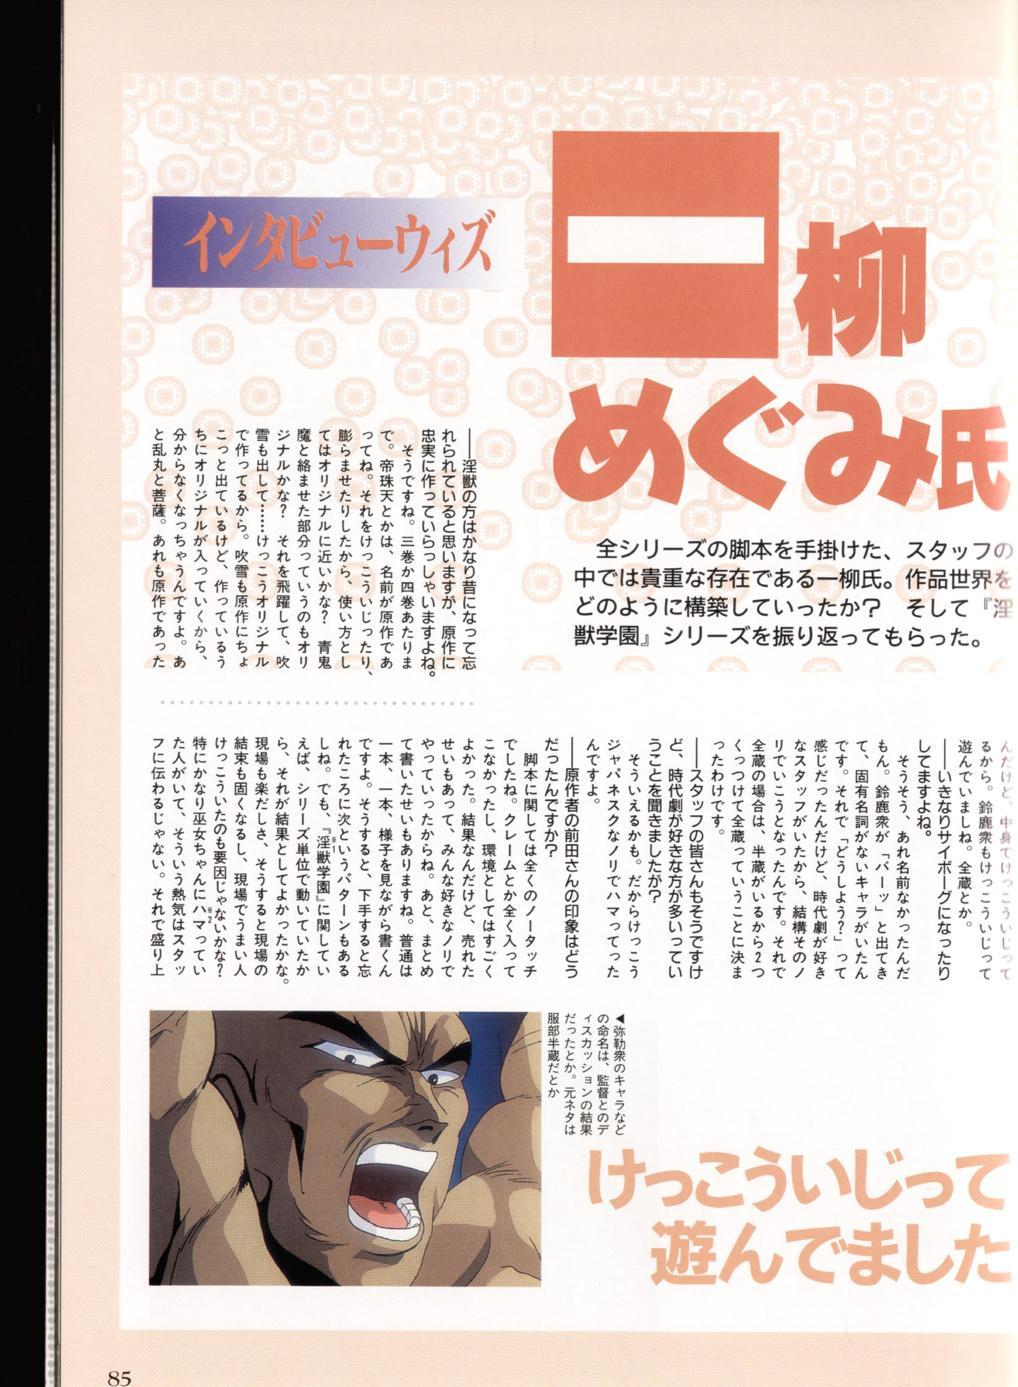 Injuu Gakuen You no Shou Secret File 80